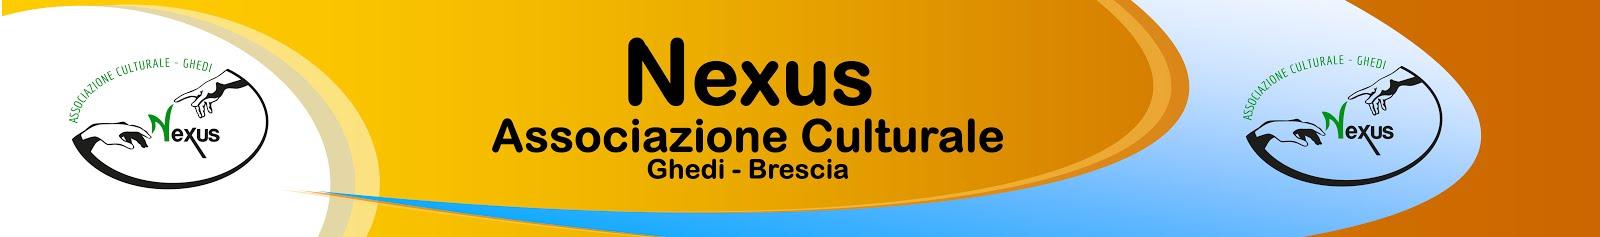 Nexus - Associazione Culturale - Ghedi